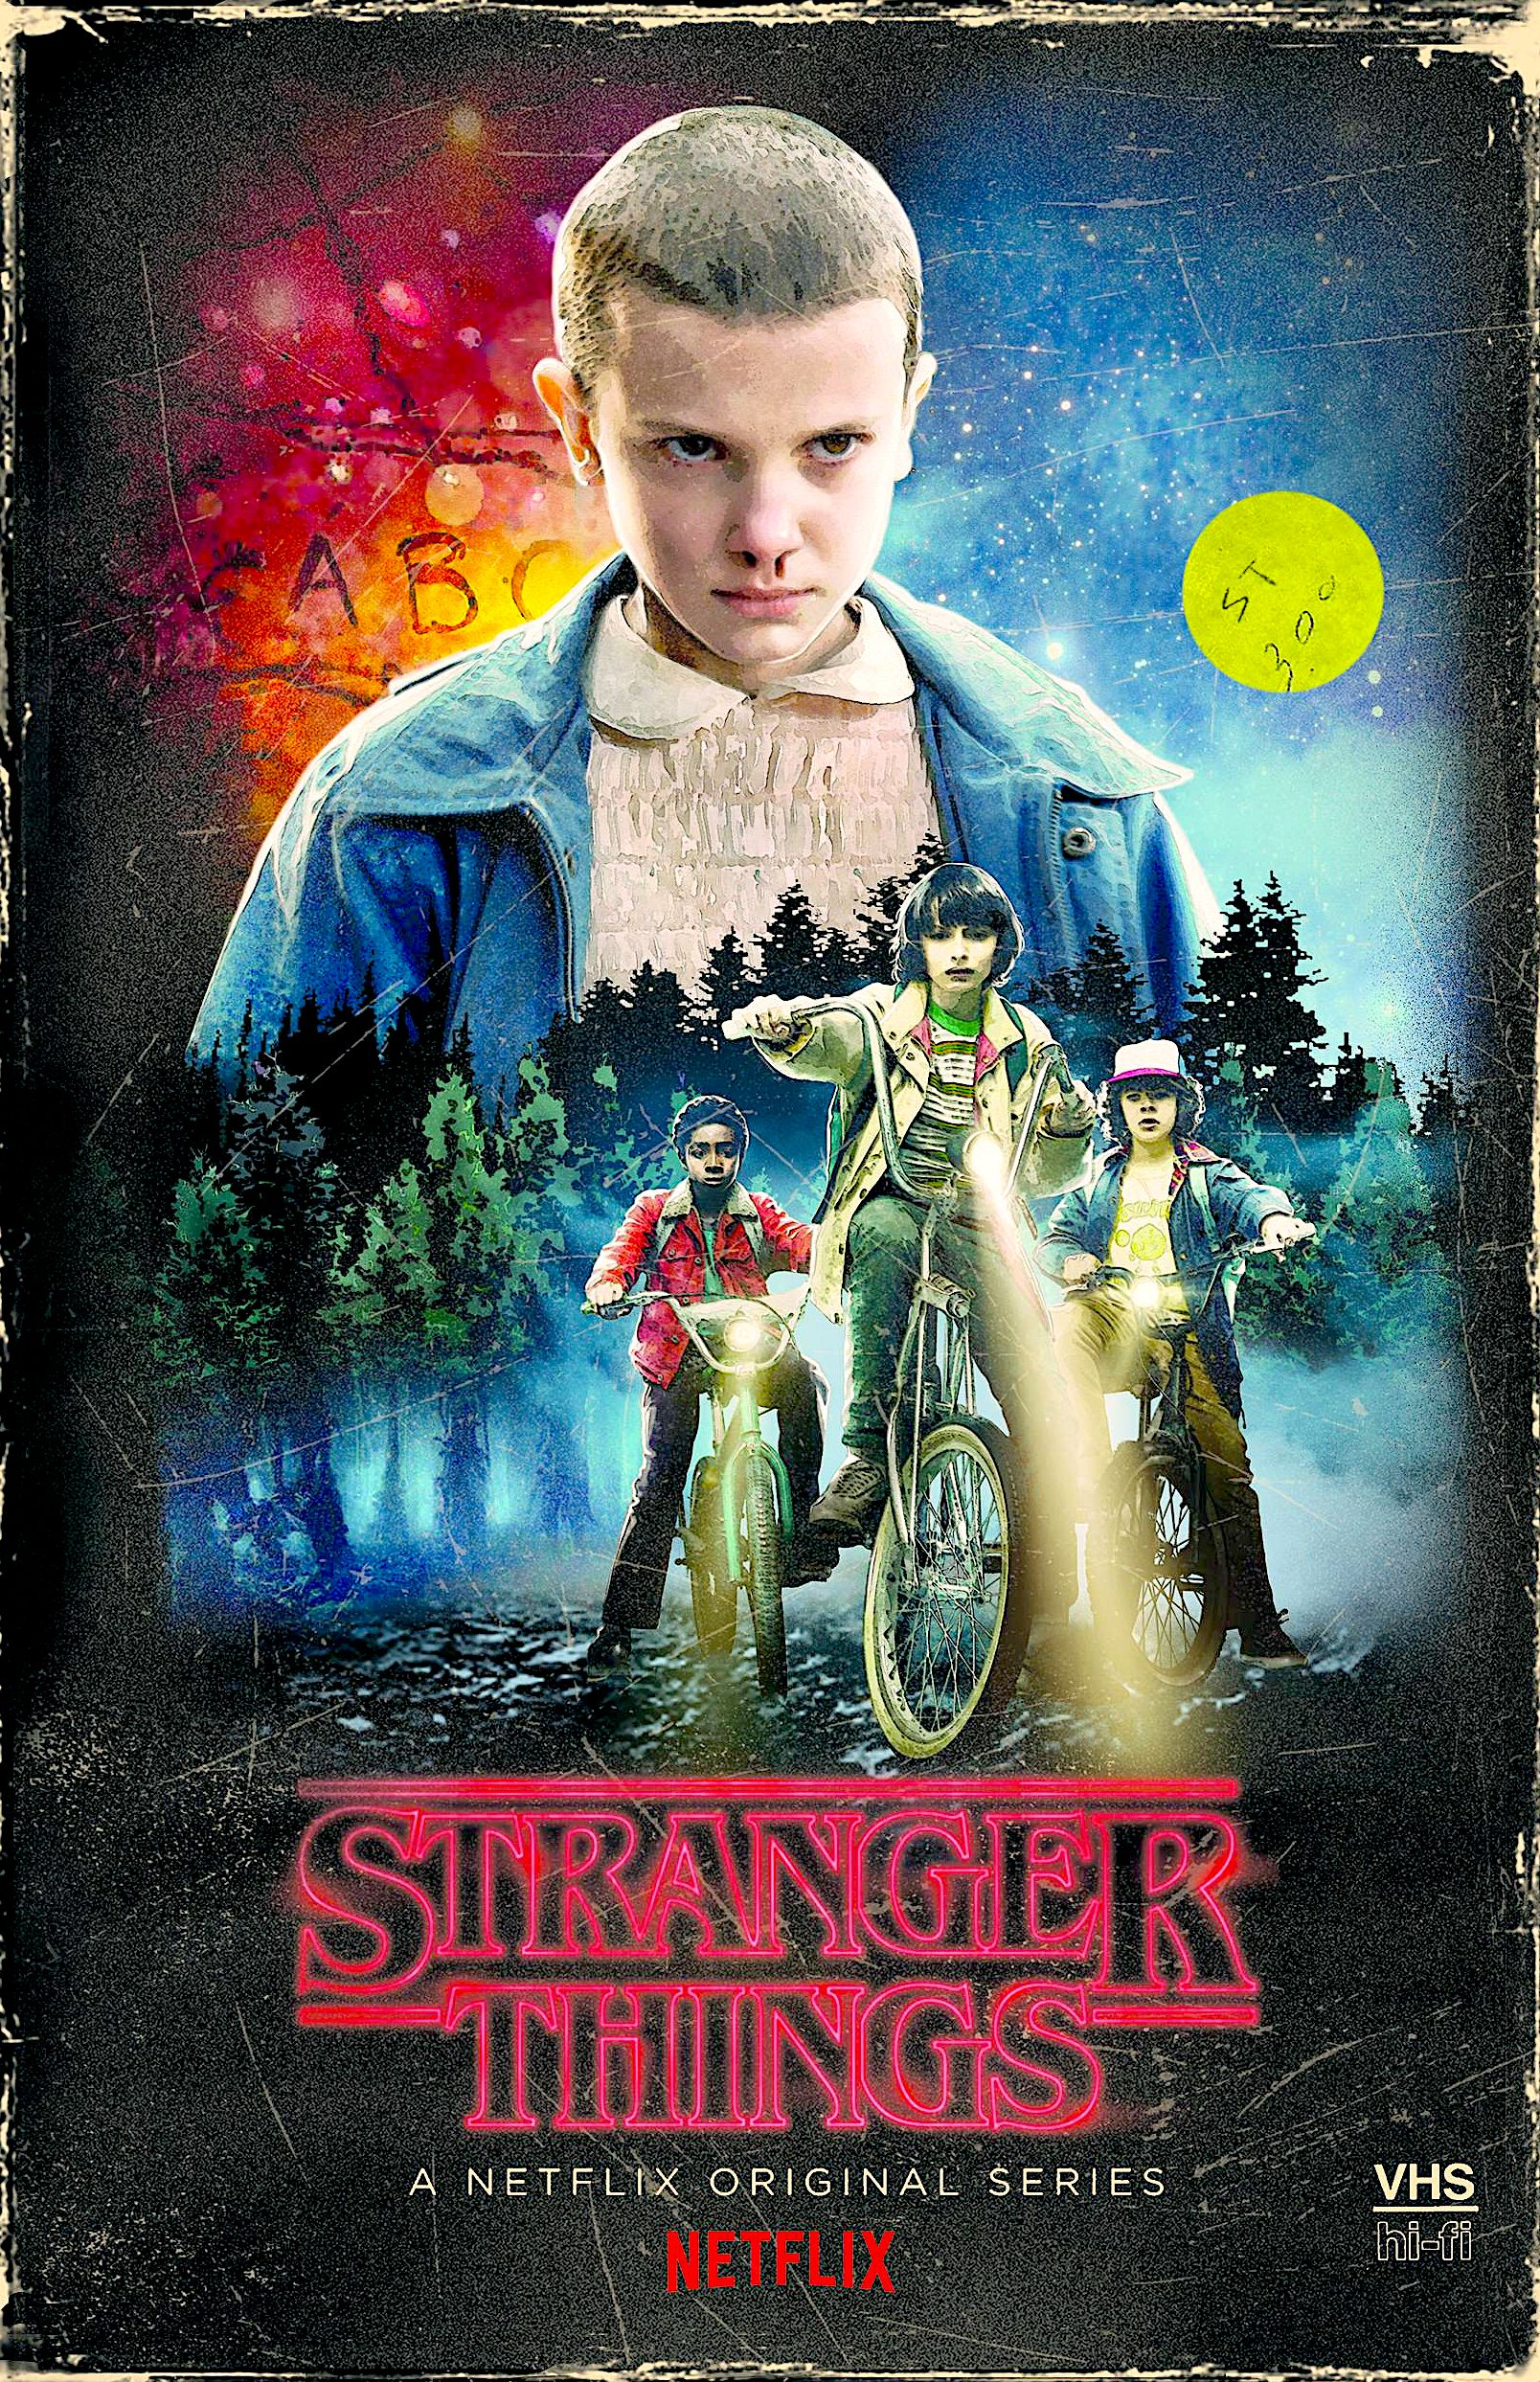 STRANGER THINGS SEASON ONE TARGET EXCLUSIVE BLURAY / DVD